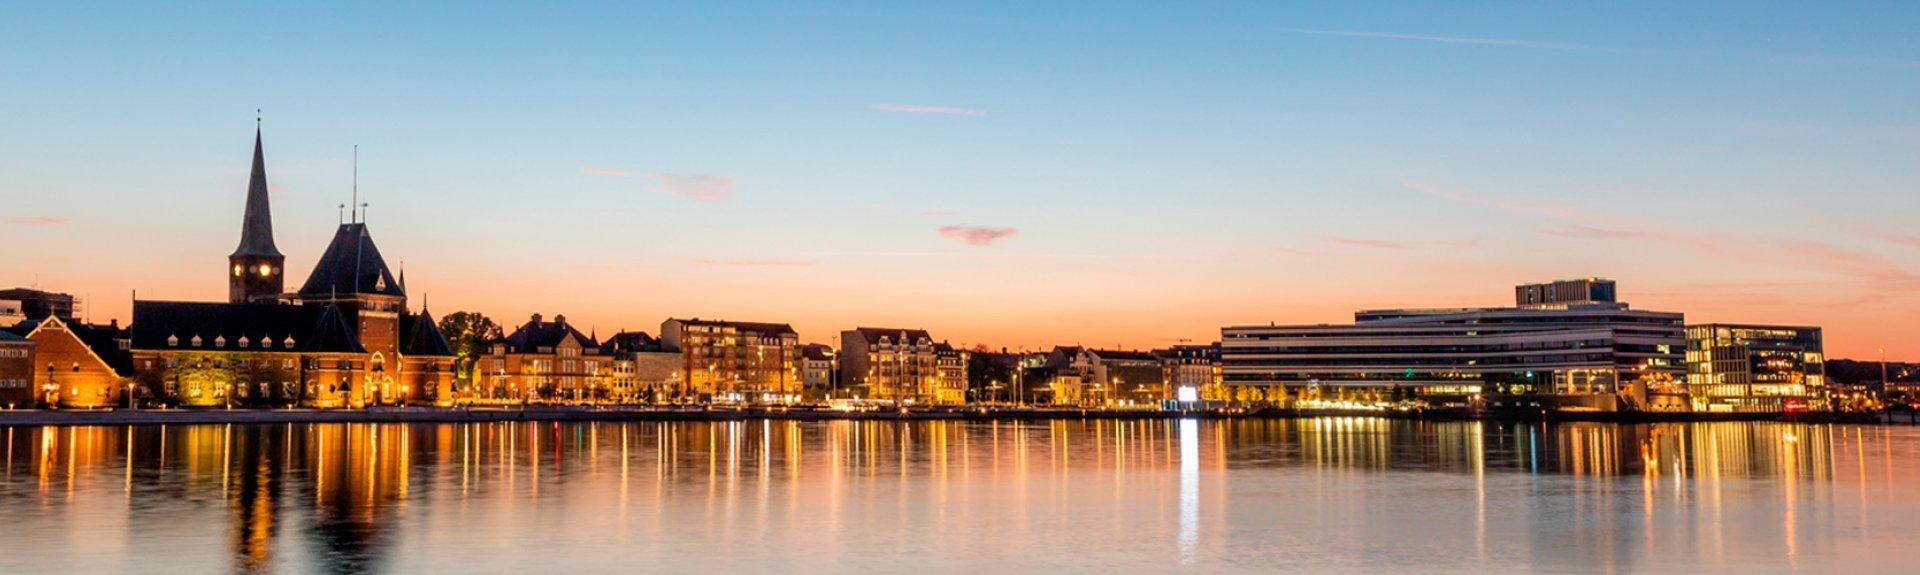 Aarhus-havn